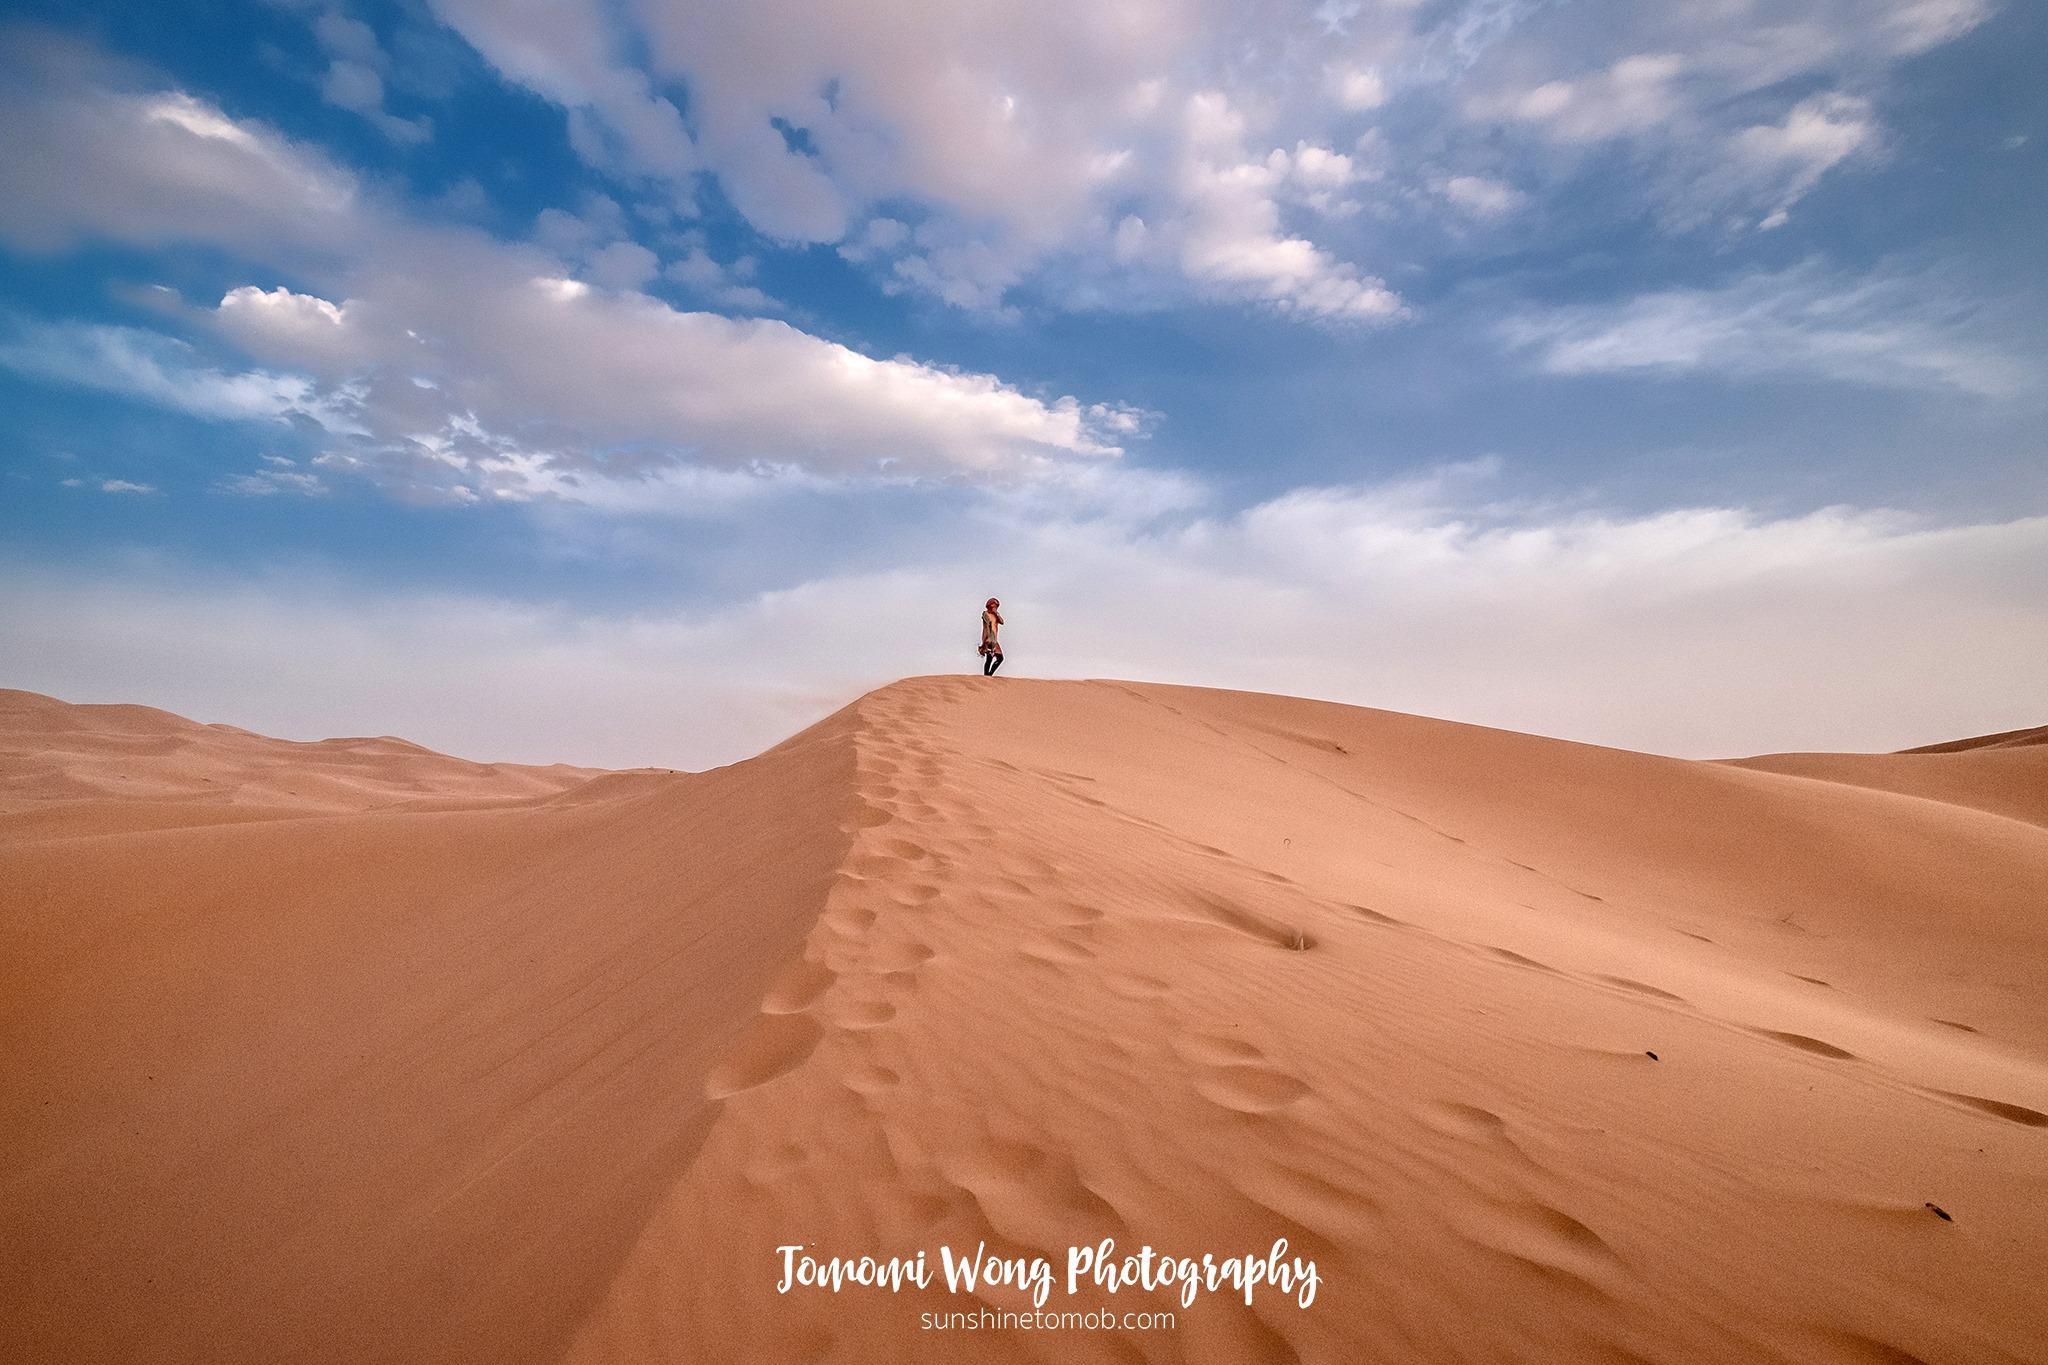 【摩洛哥遊記 13】進入沙漠之旅第三天 | Tomo 的快樂宇宙